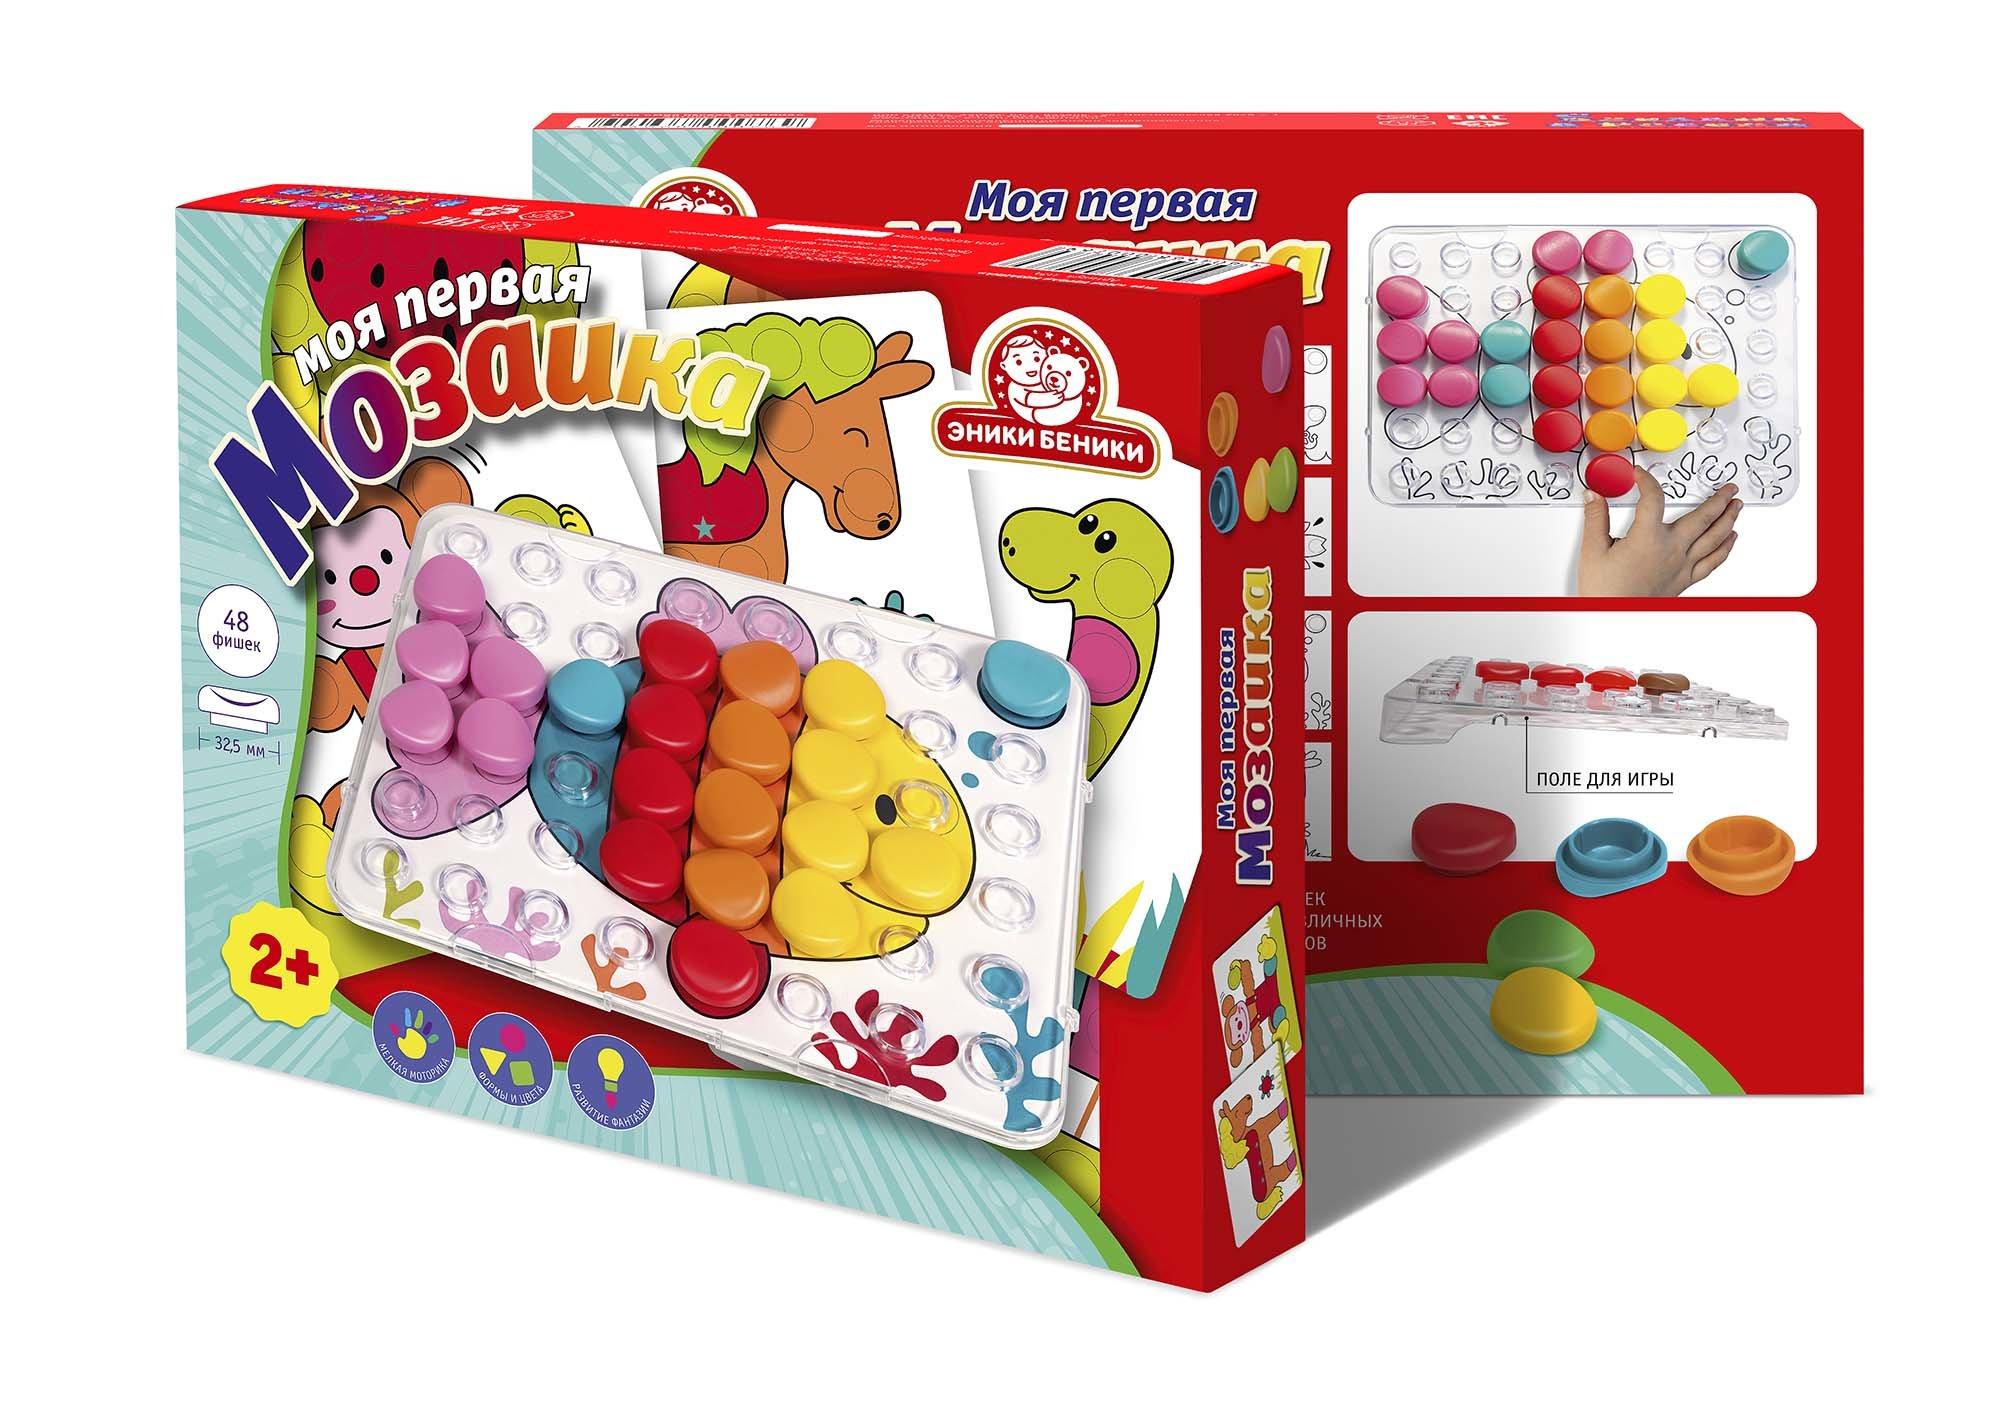 Моя первая мозаика - Состав: 48 фишек 8 различных цветов 8 двухсторонних цветных картинок игровое поле чемоданчик